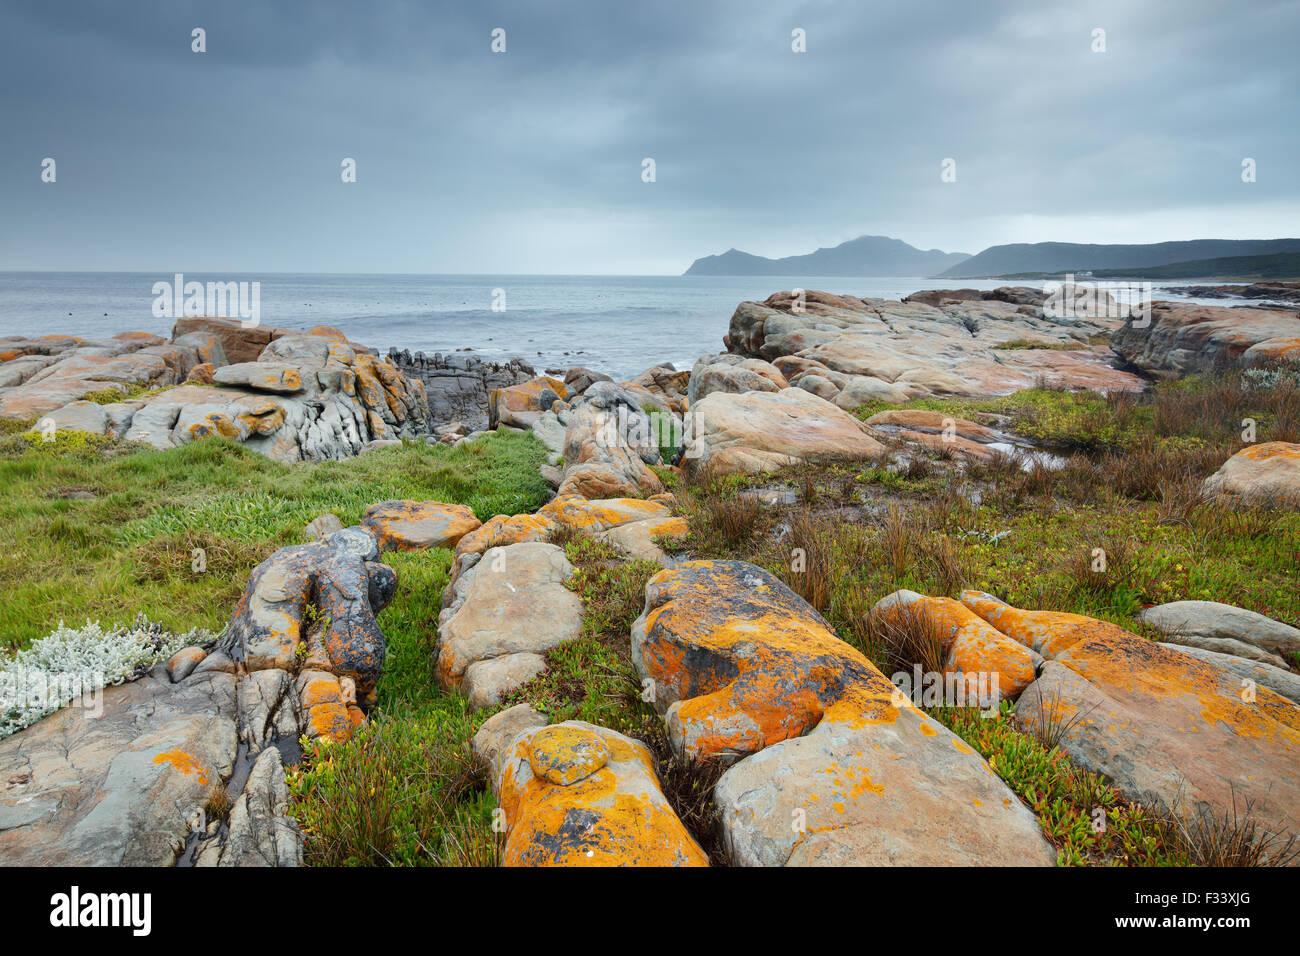 Il Capo di Buona Speranza a rocce nere, Cape Point, Sud Africa Immagini Stock